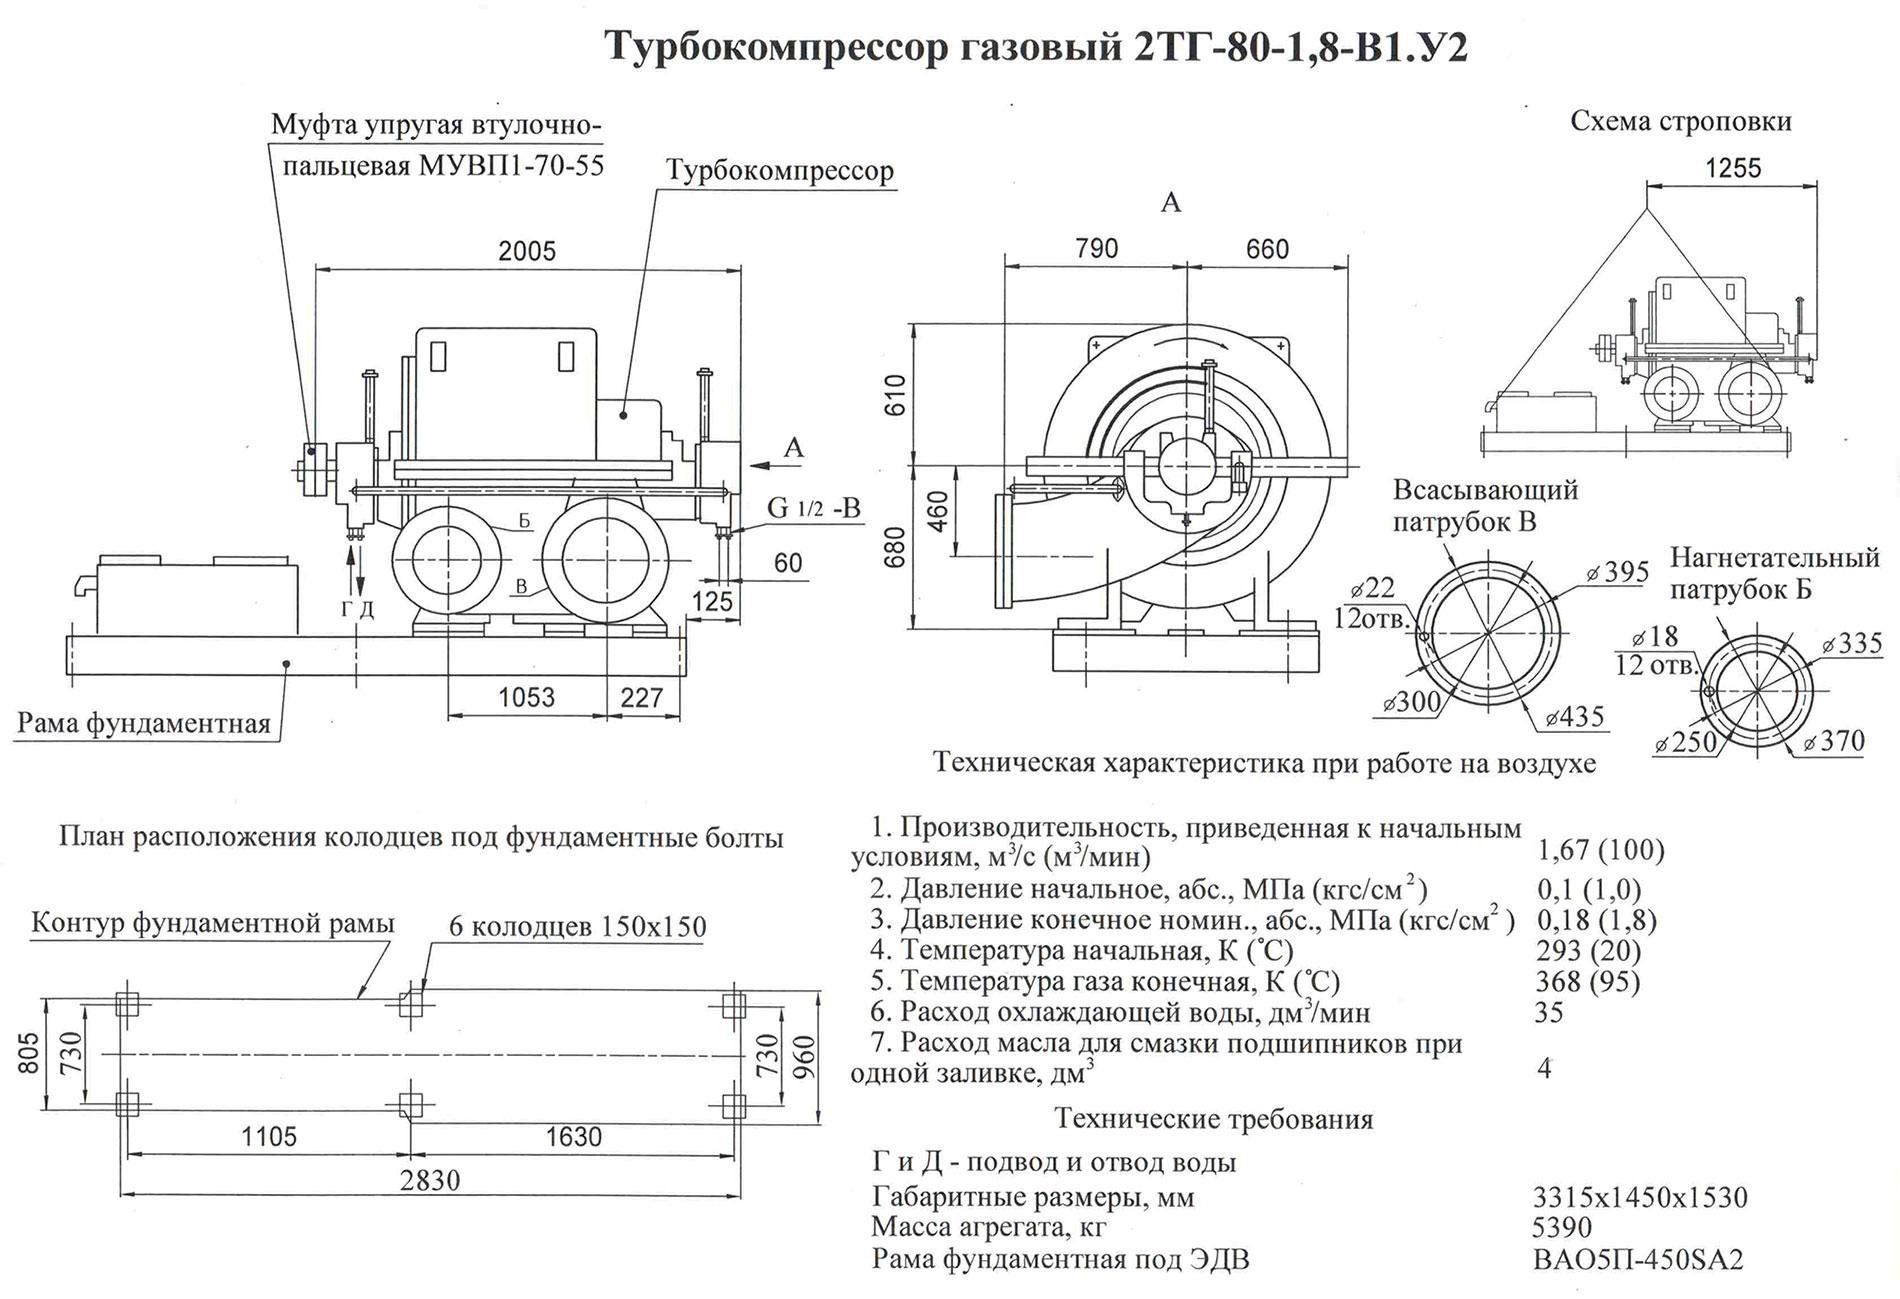 Технические характеристики турбокомпрессора 2ТГ-80-1,8-В1У2